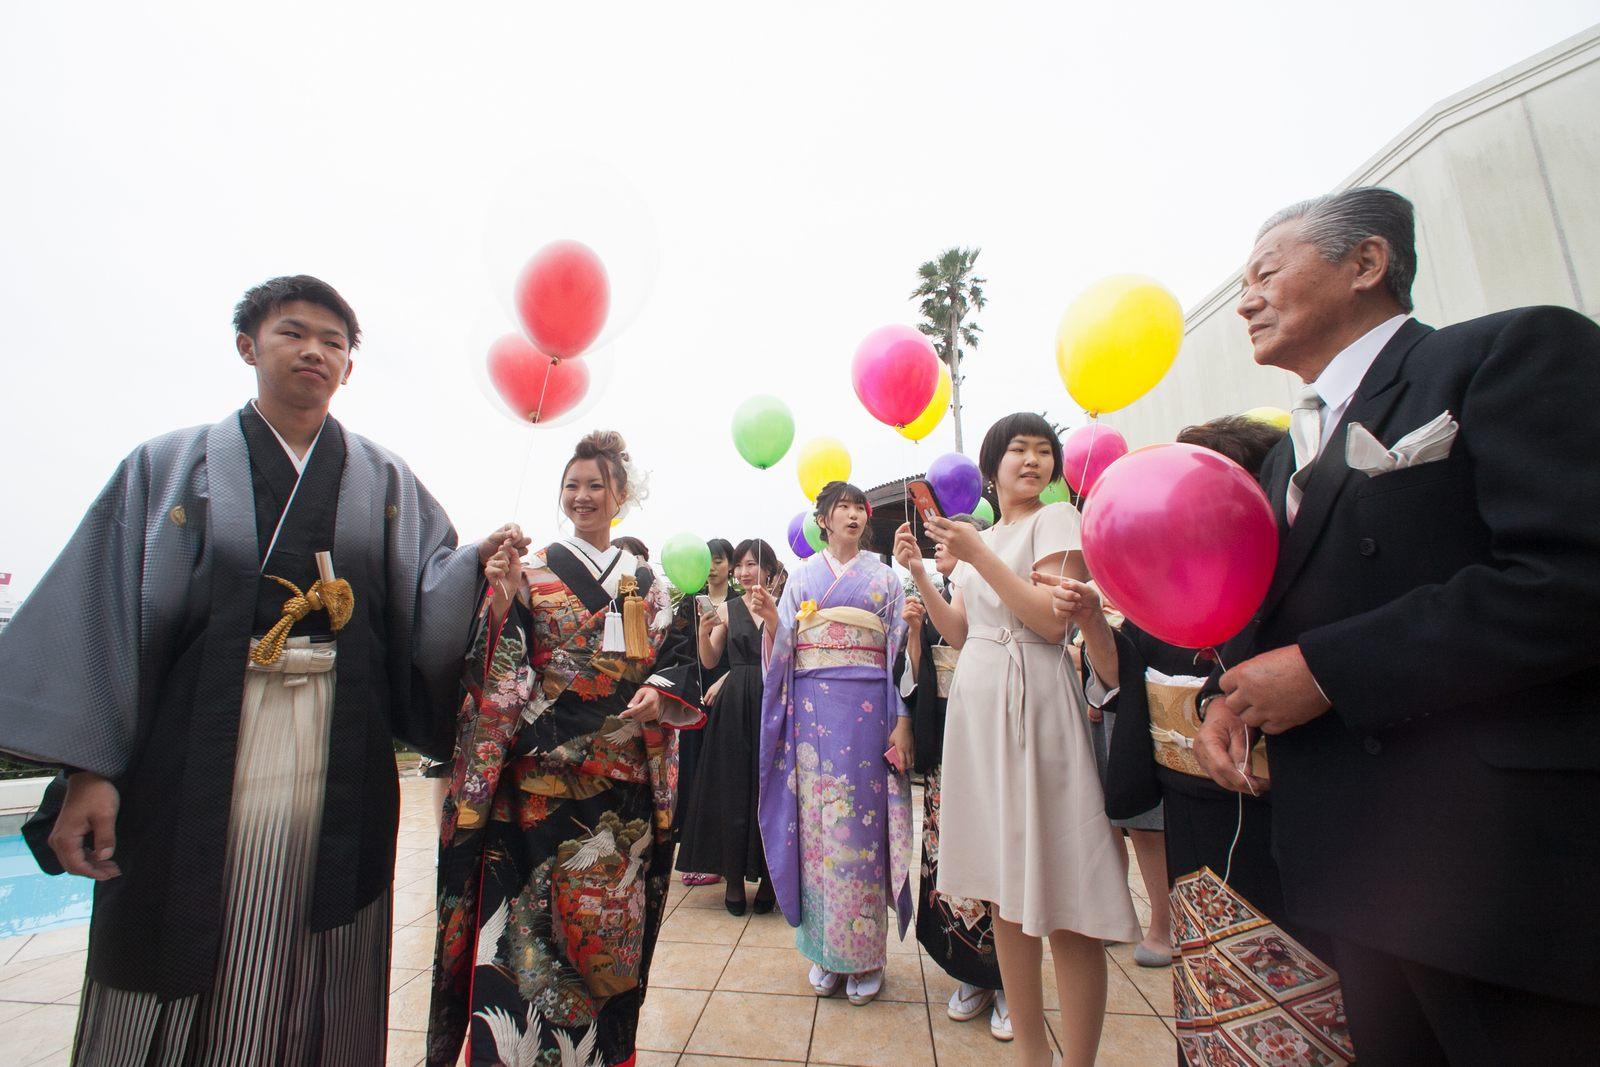 徳島市の結婚式場ブランアンジュで人気演出のバルーンリリース